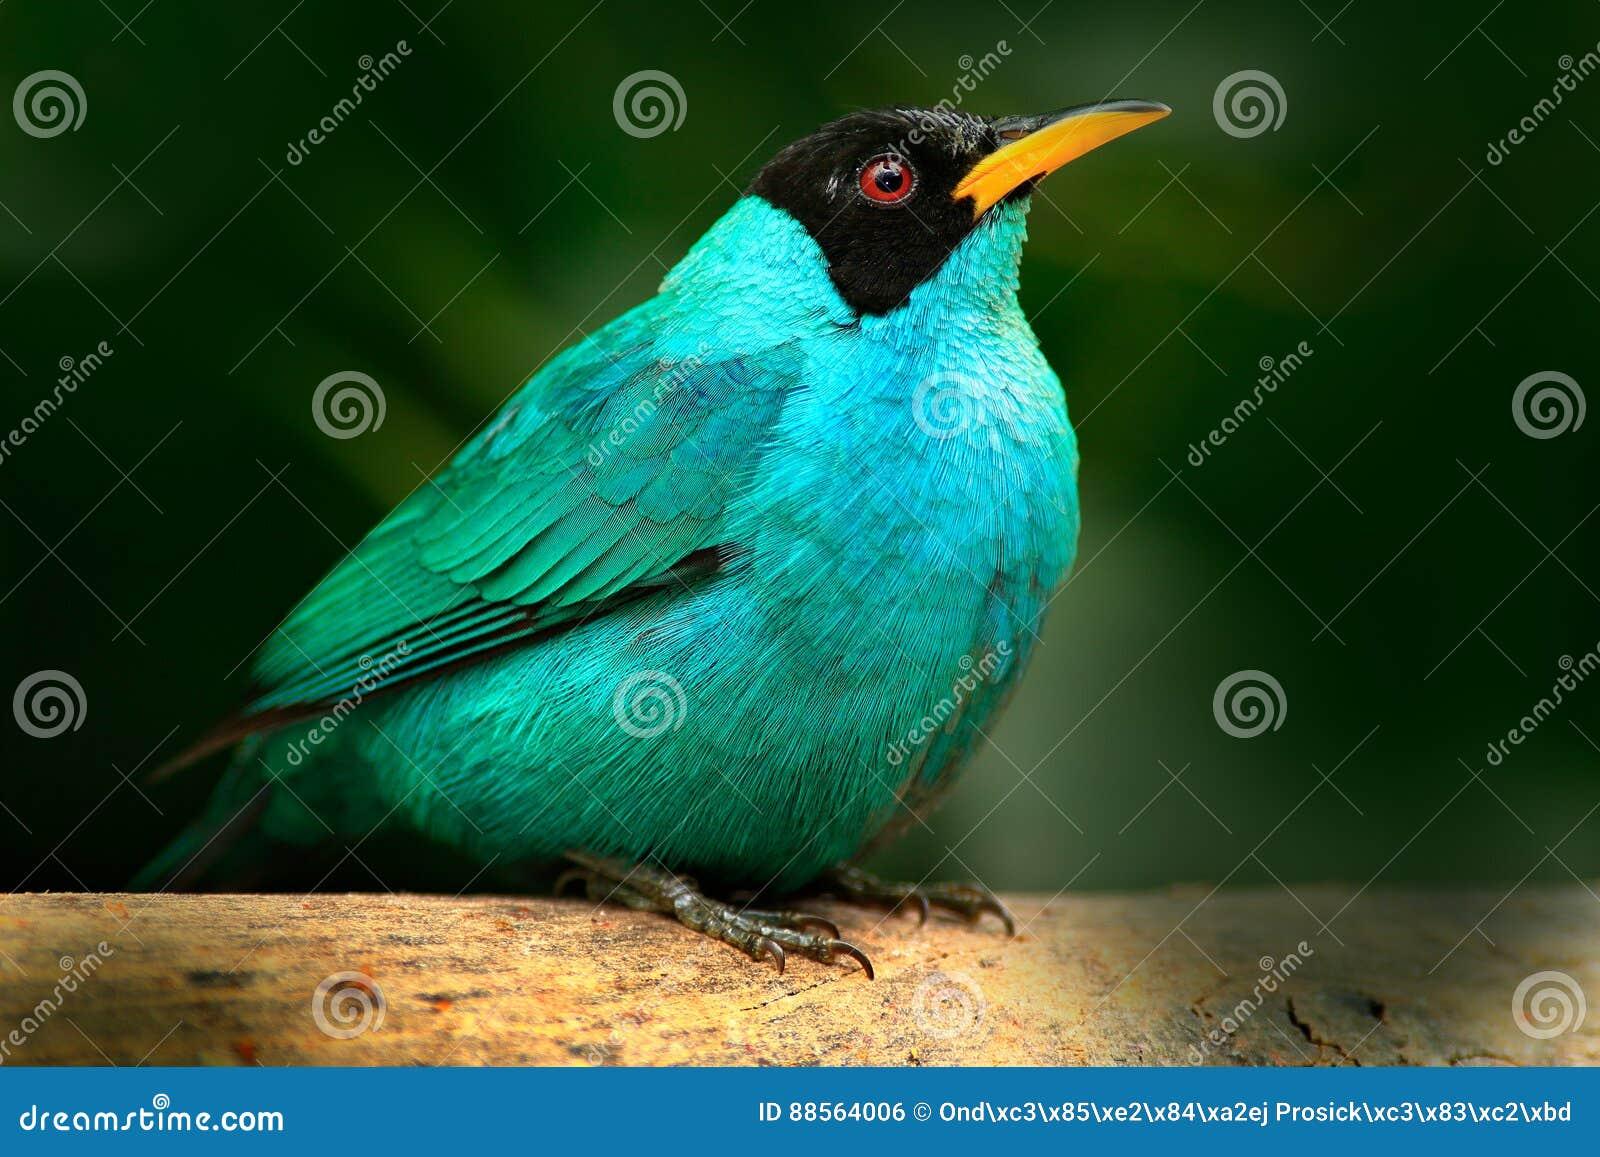 Tanager do retrato tropico do close-up da floresta do animal agradável no habitat Detalhe de pássaro bonito Honeycreeper verde, C